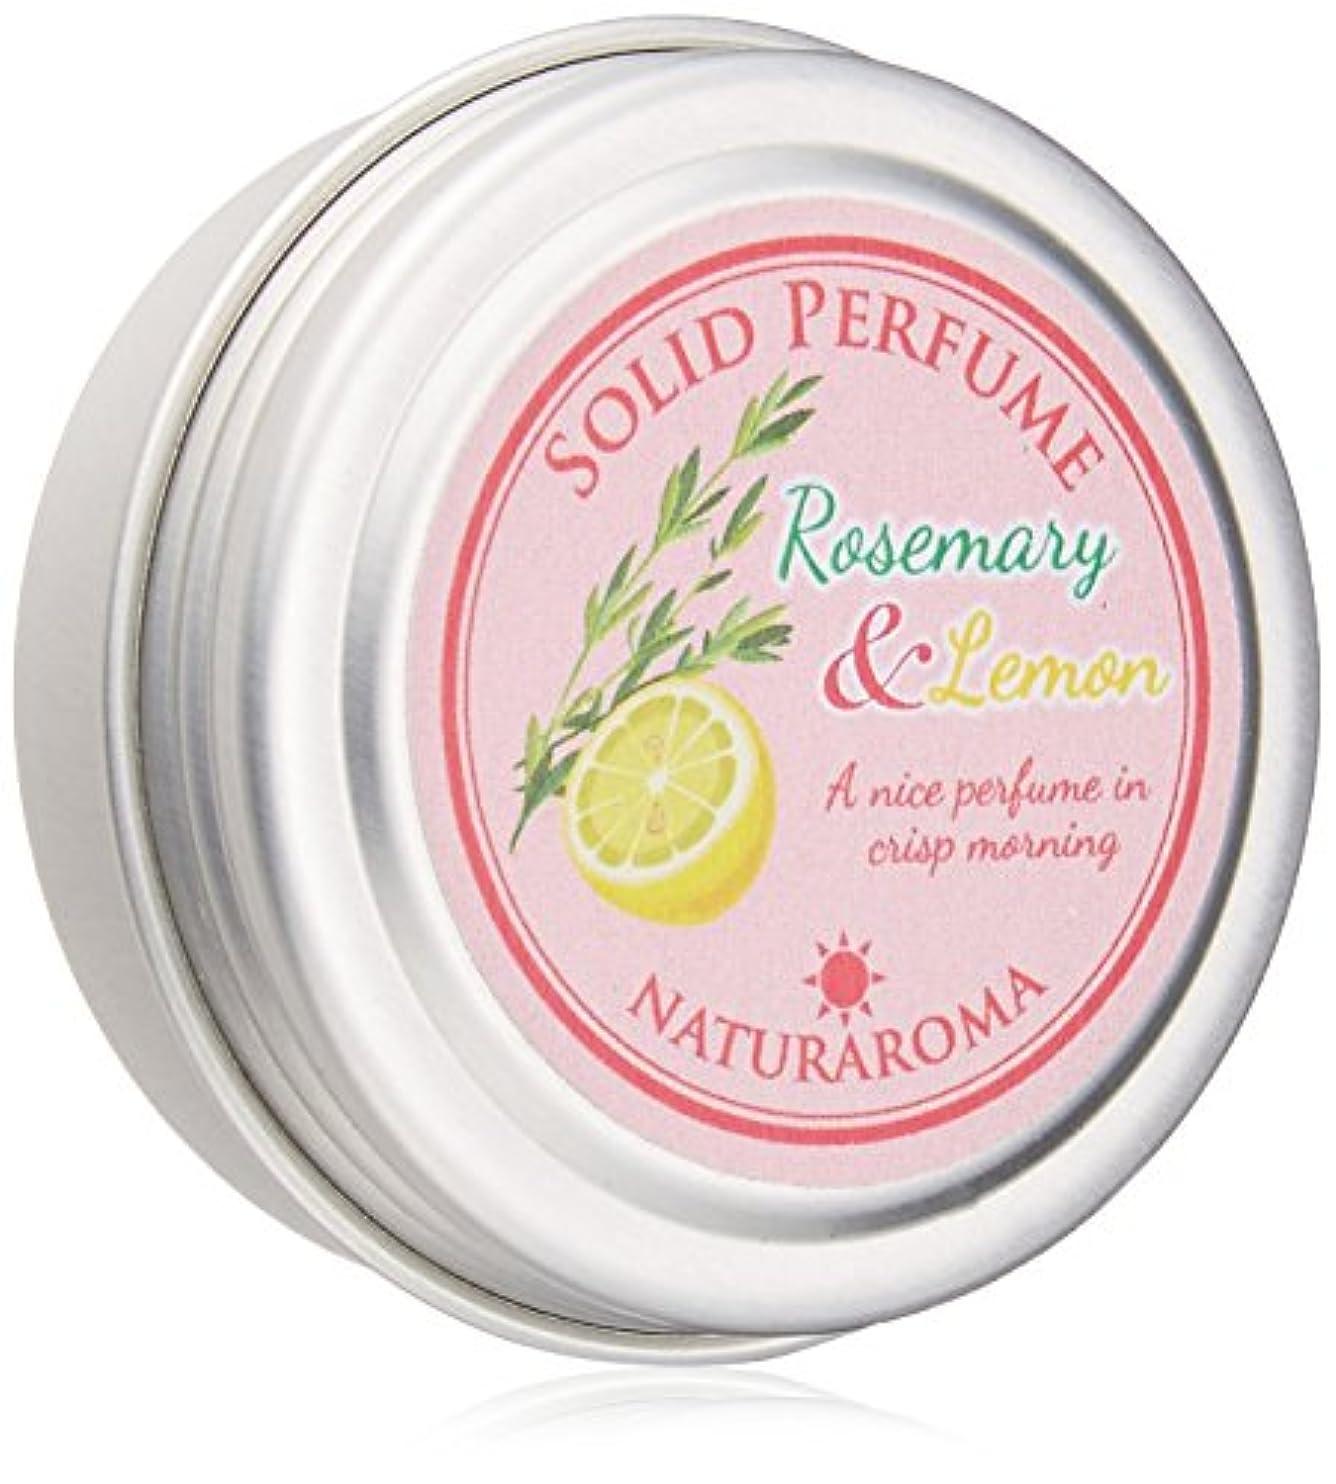 却下する弱い南極Naturaroma 練り香水 レモン&ローズマリー